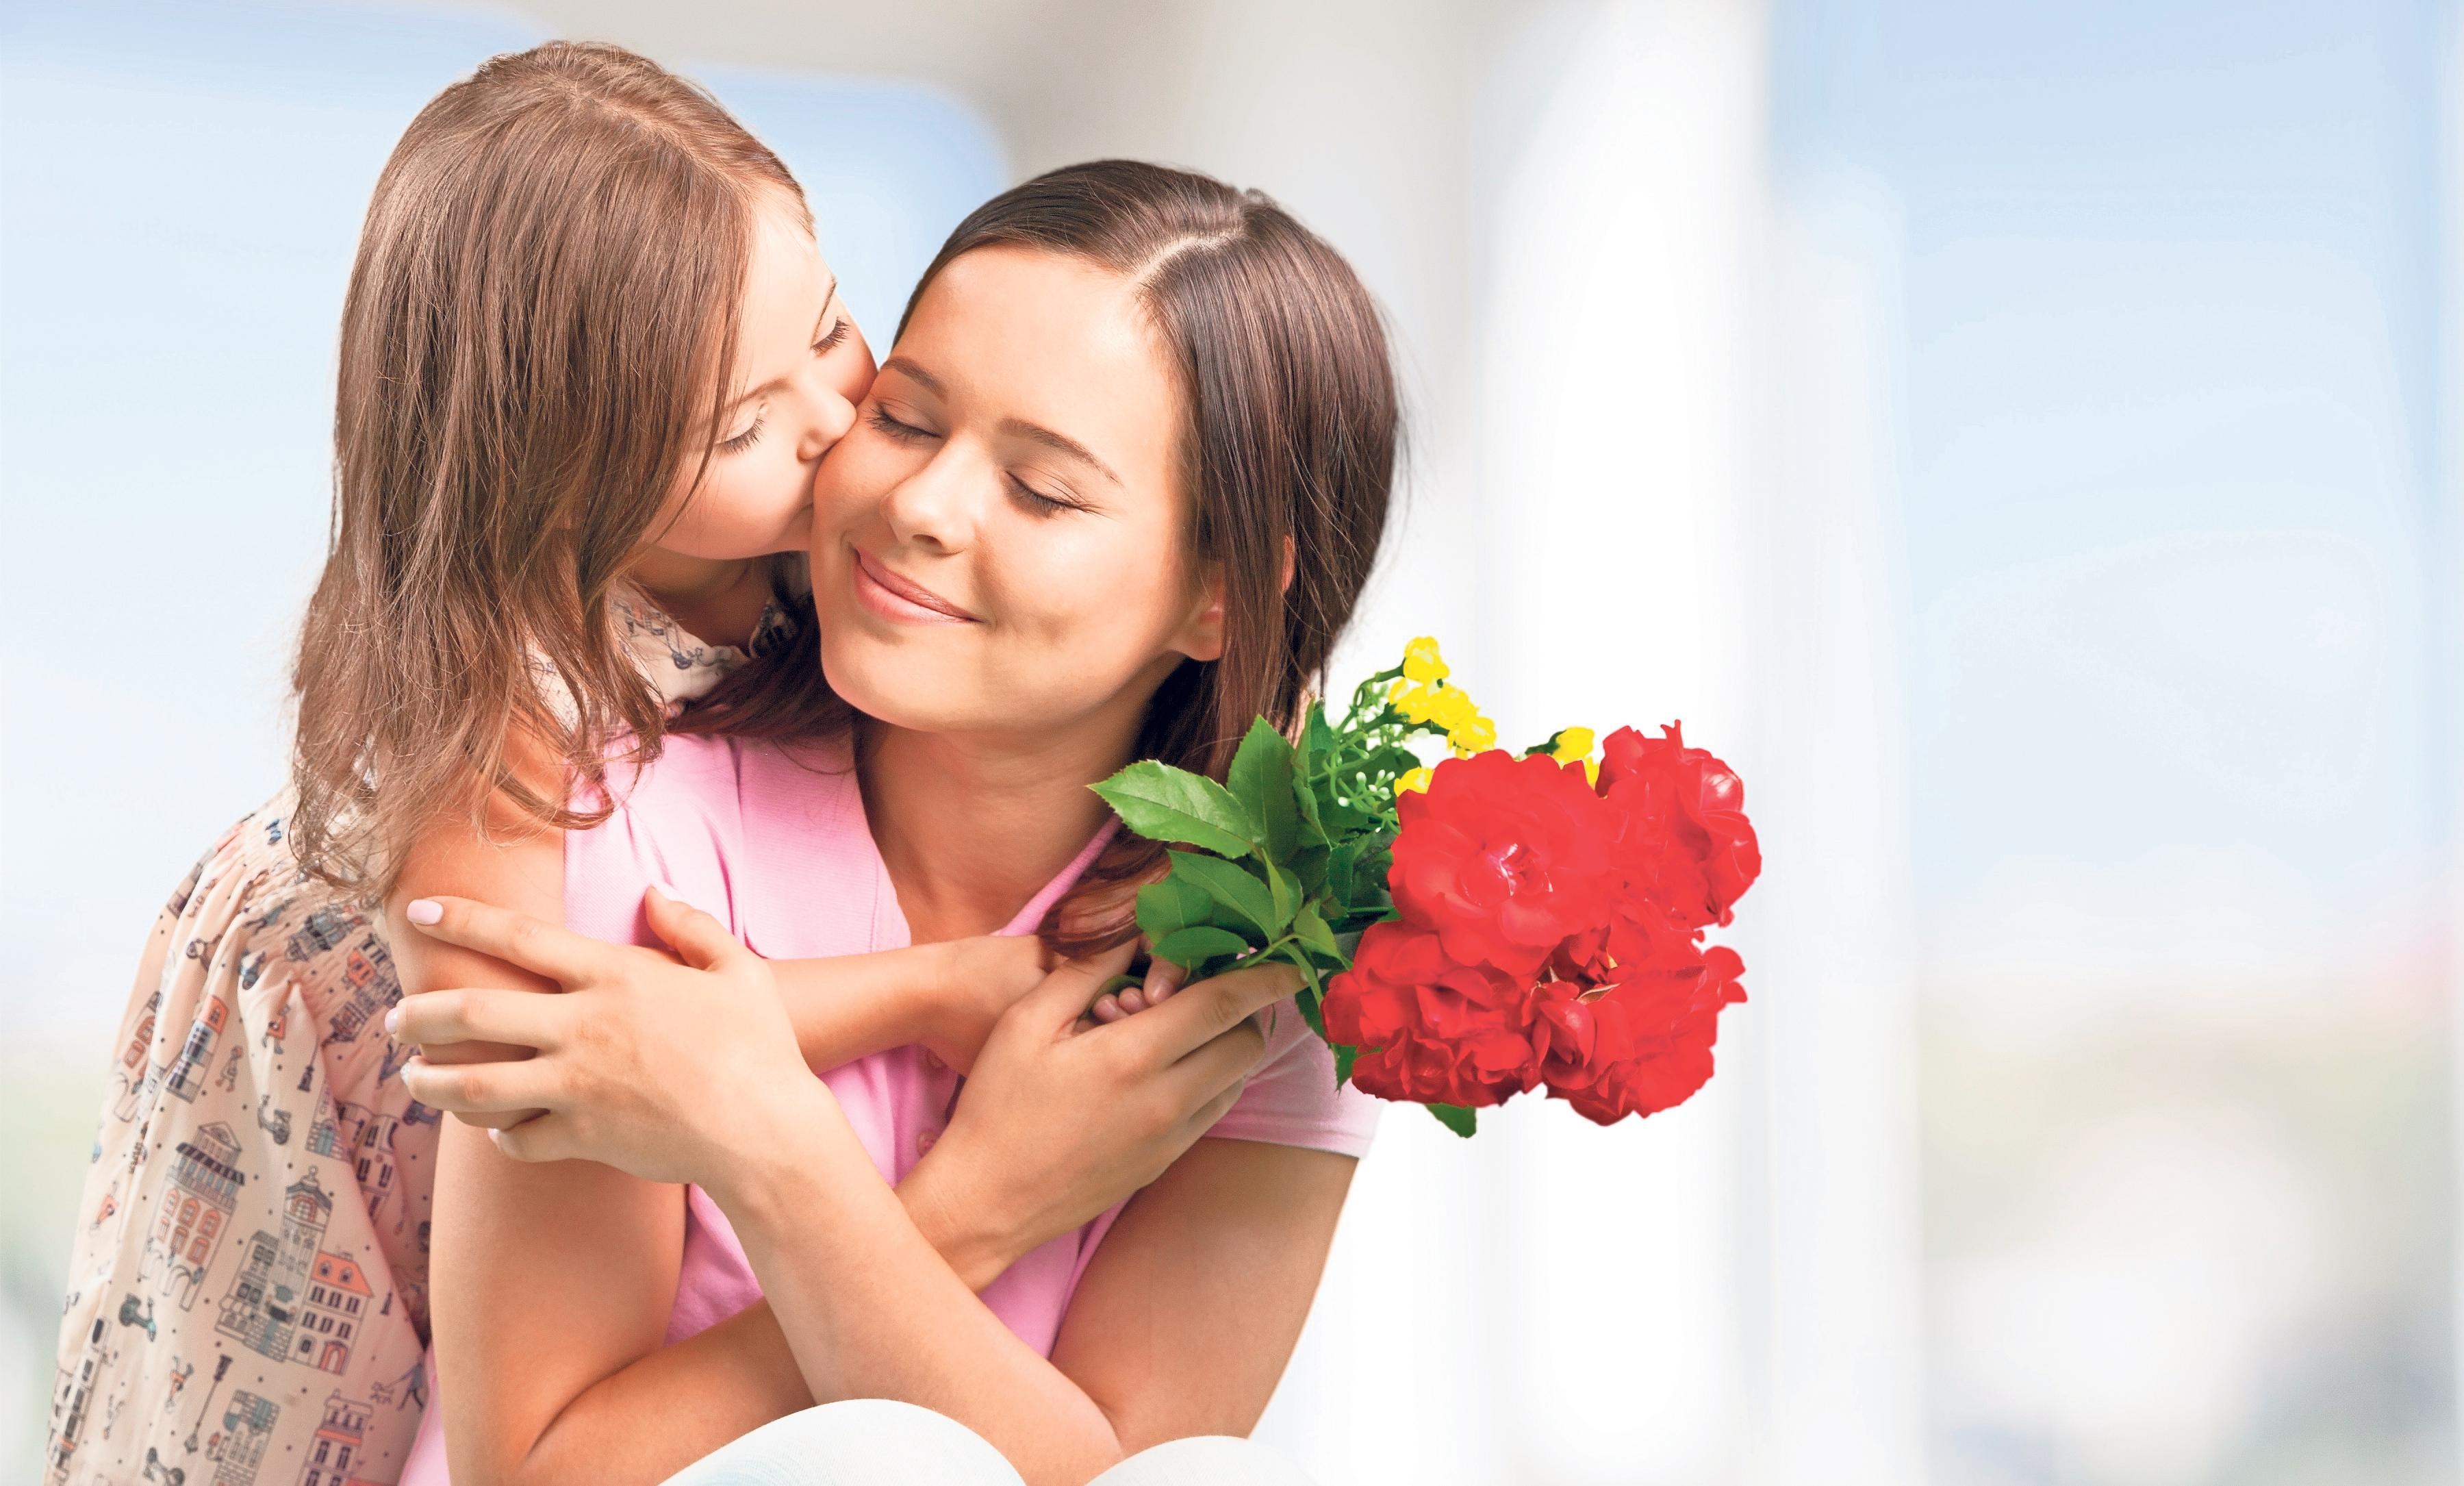 Mama ist einfach die Beste! Am kommenden Sonntag ist Muttertag und somit mal wieder eine gute Gelegenheit, ihr das auf eine besondere Weise spüren zu lassen. Foto: BillionPhotos.com / stock.adobe.com